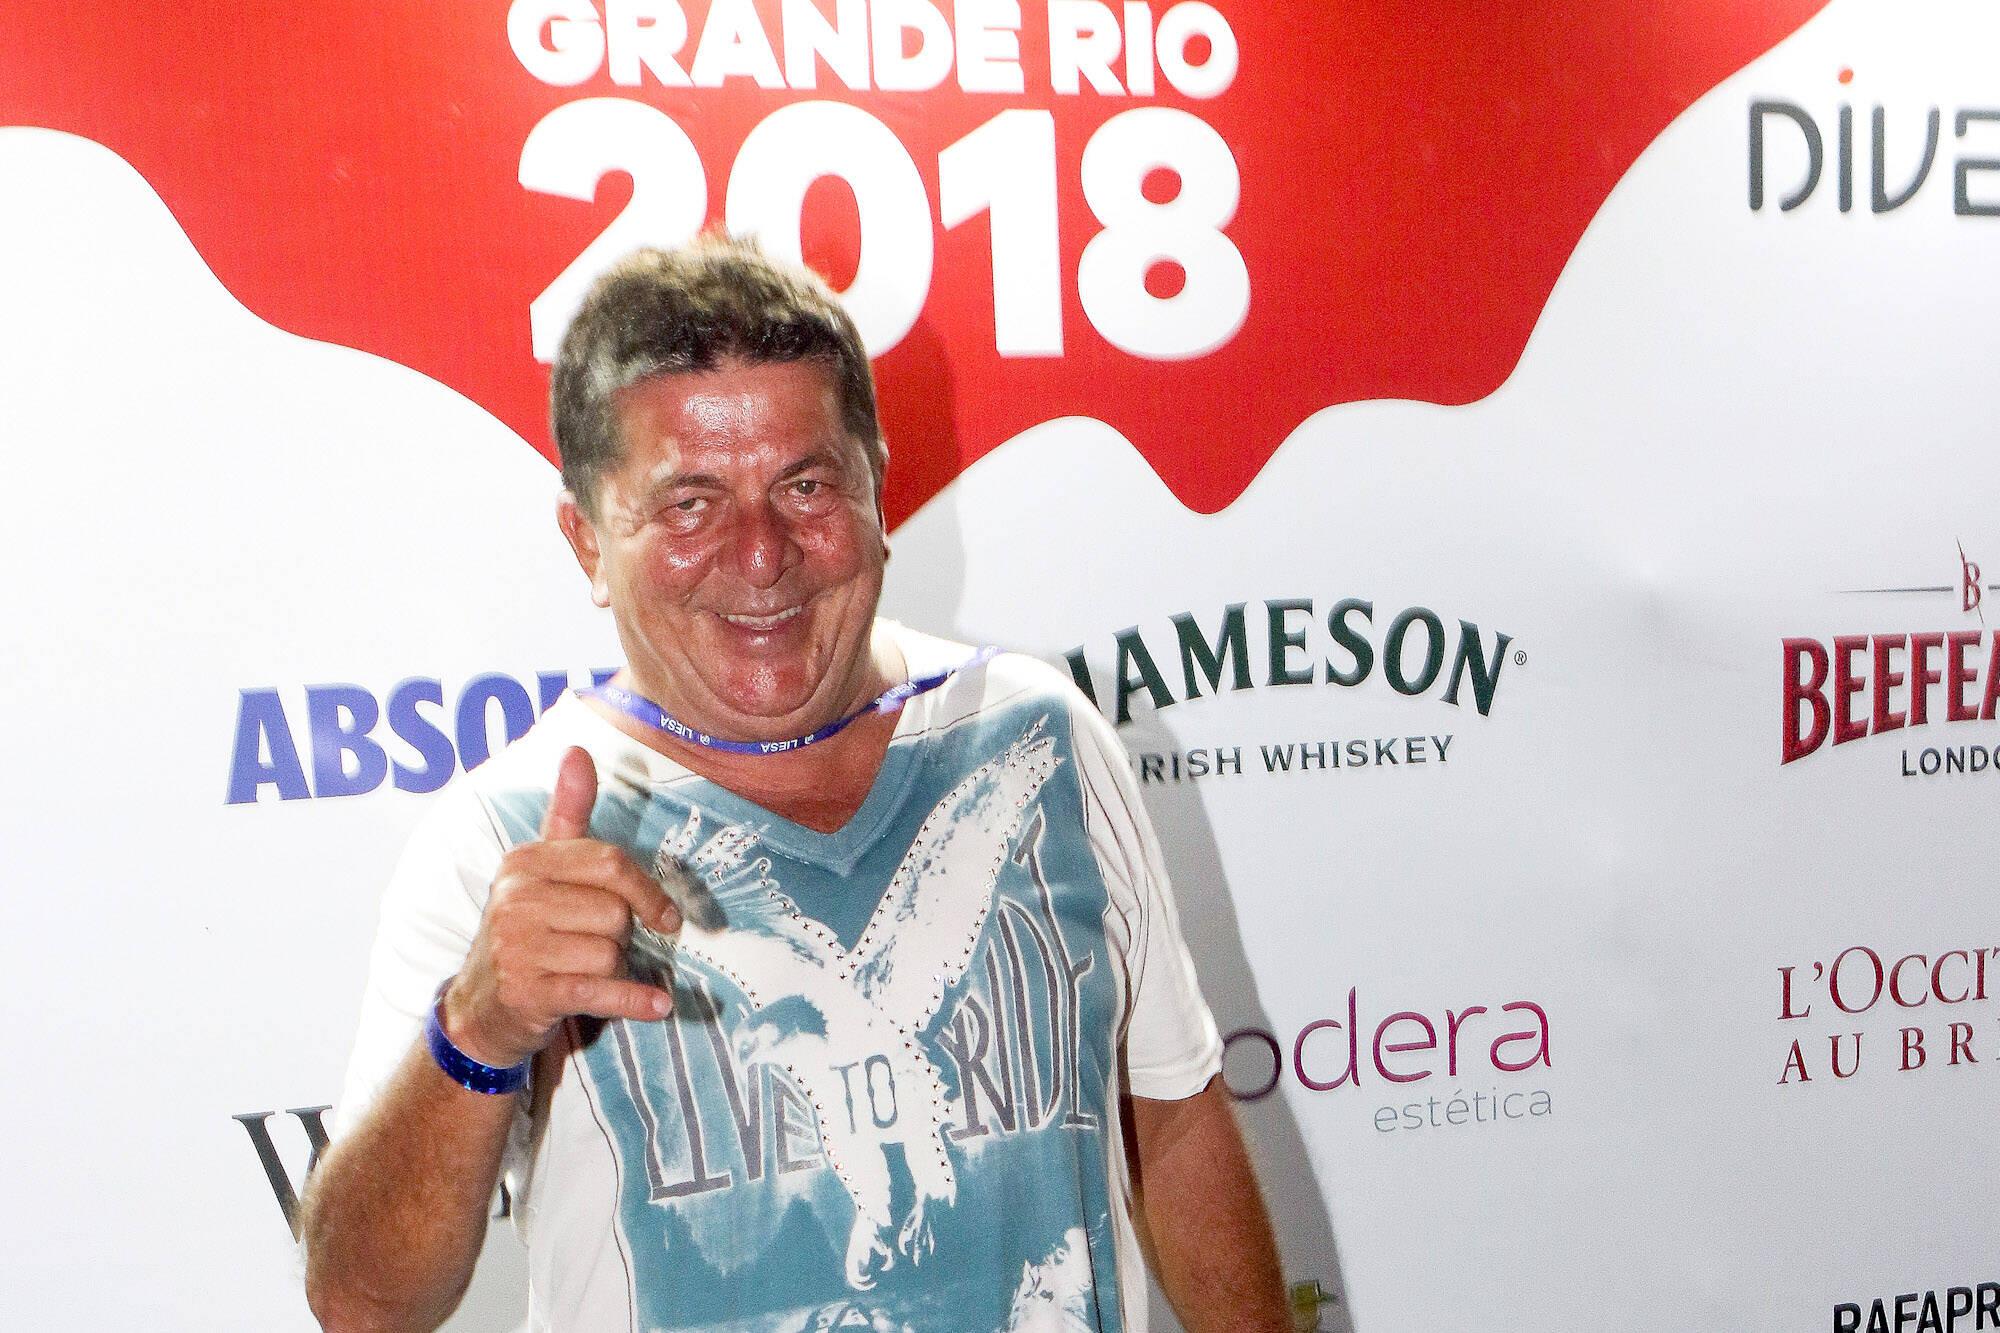 Stepan Nercessian no Camarote Grande Rio que se transformou no Cassino do Chacrinha na noite do último domingo (11). Foto: ENY MIRANDA/DIVULGAÇÃO